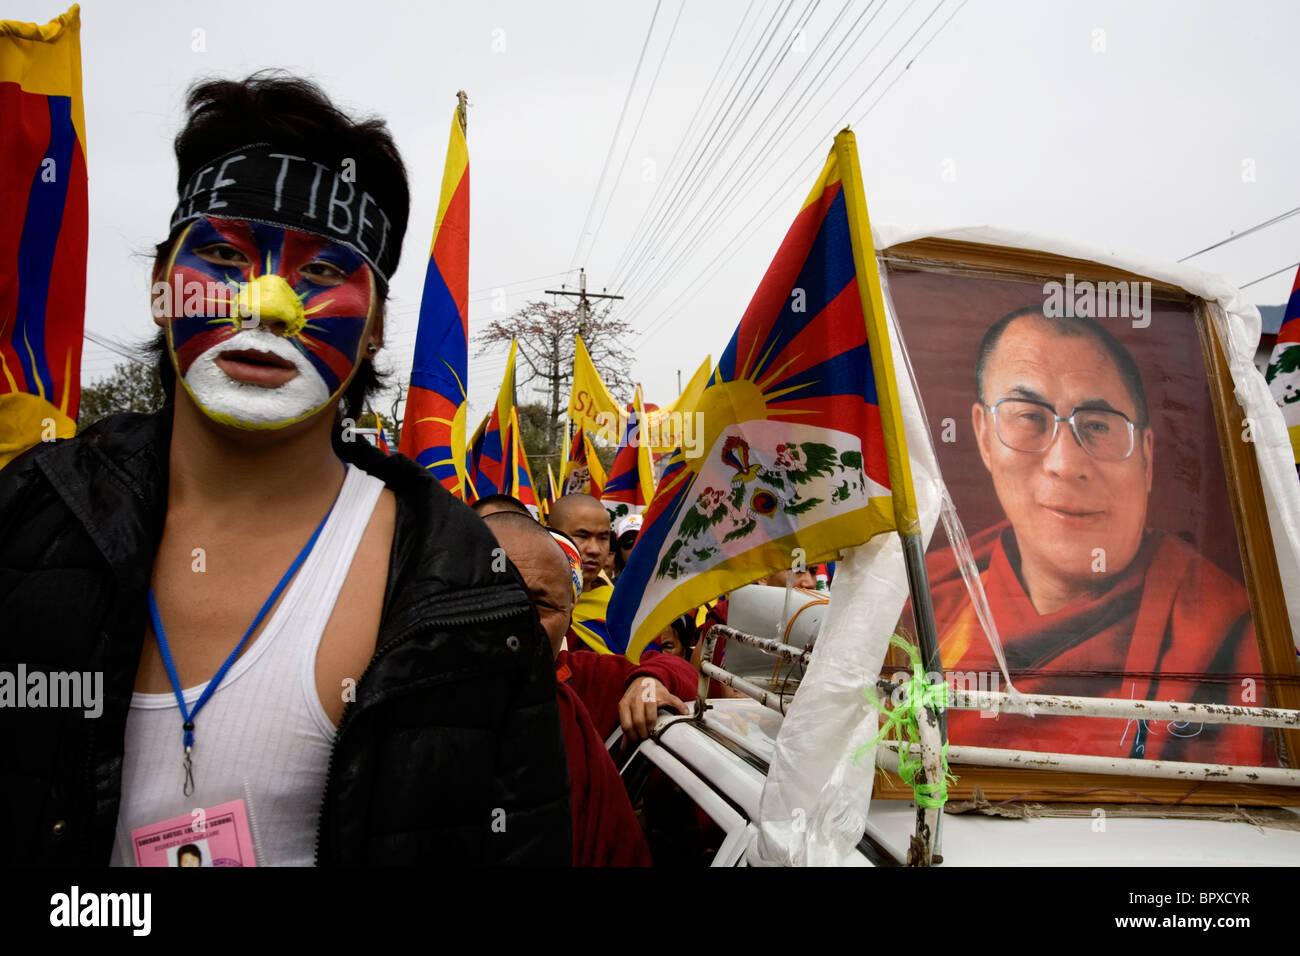 Demostración por el 51º aniversario del levantamiento tibetano, Dharamsala, Himachal Pradesh, India. Imagen De Stock